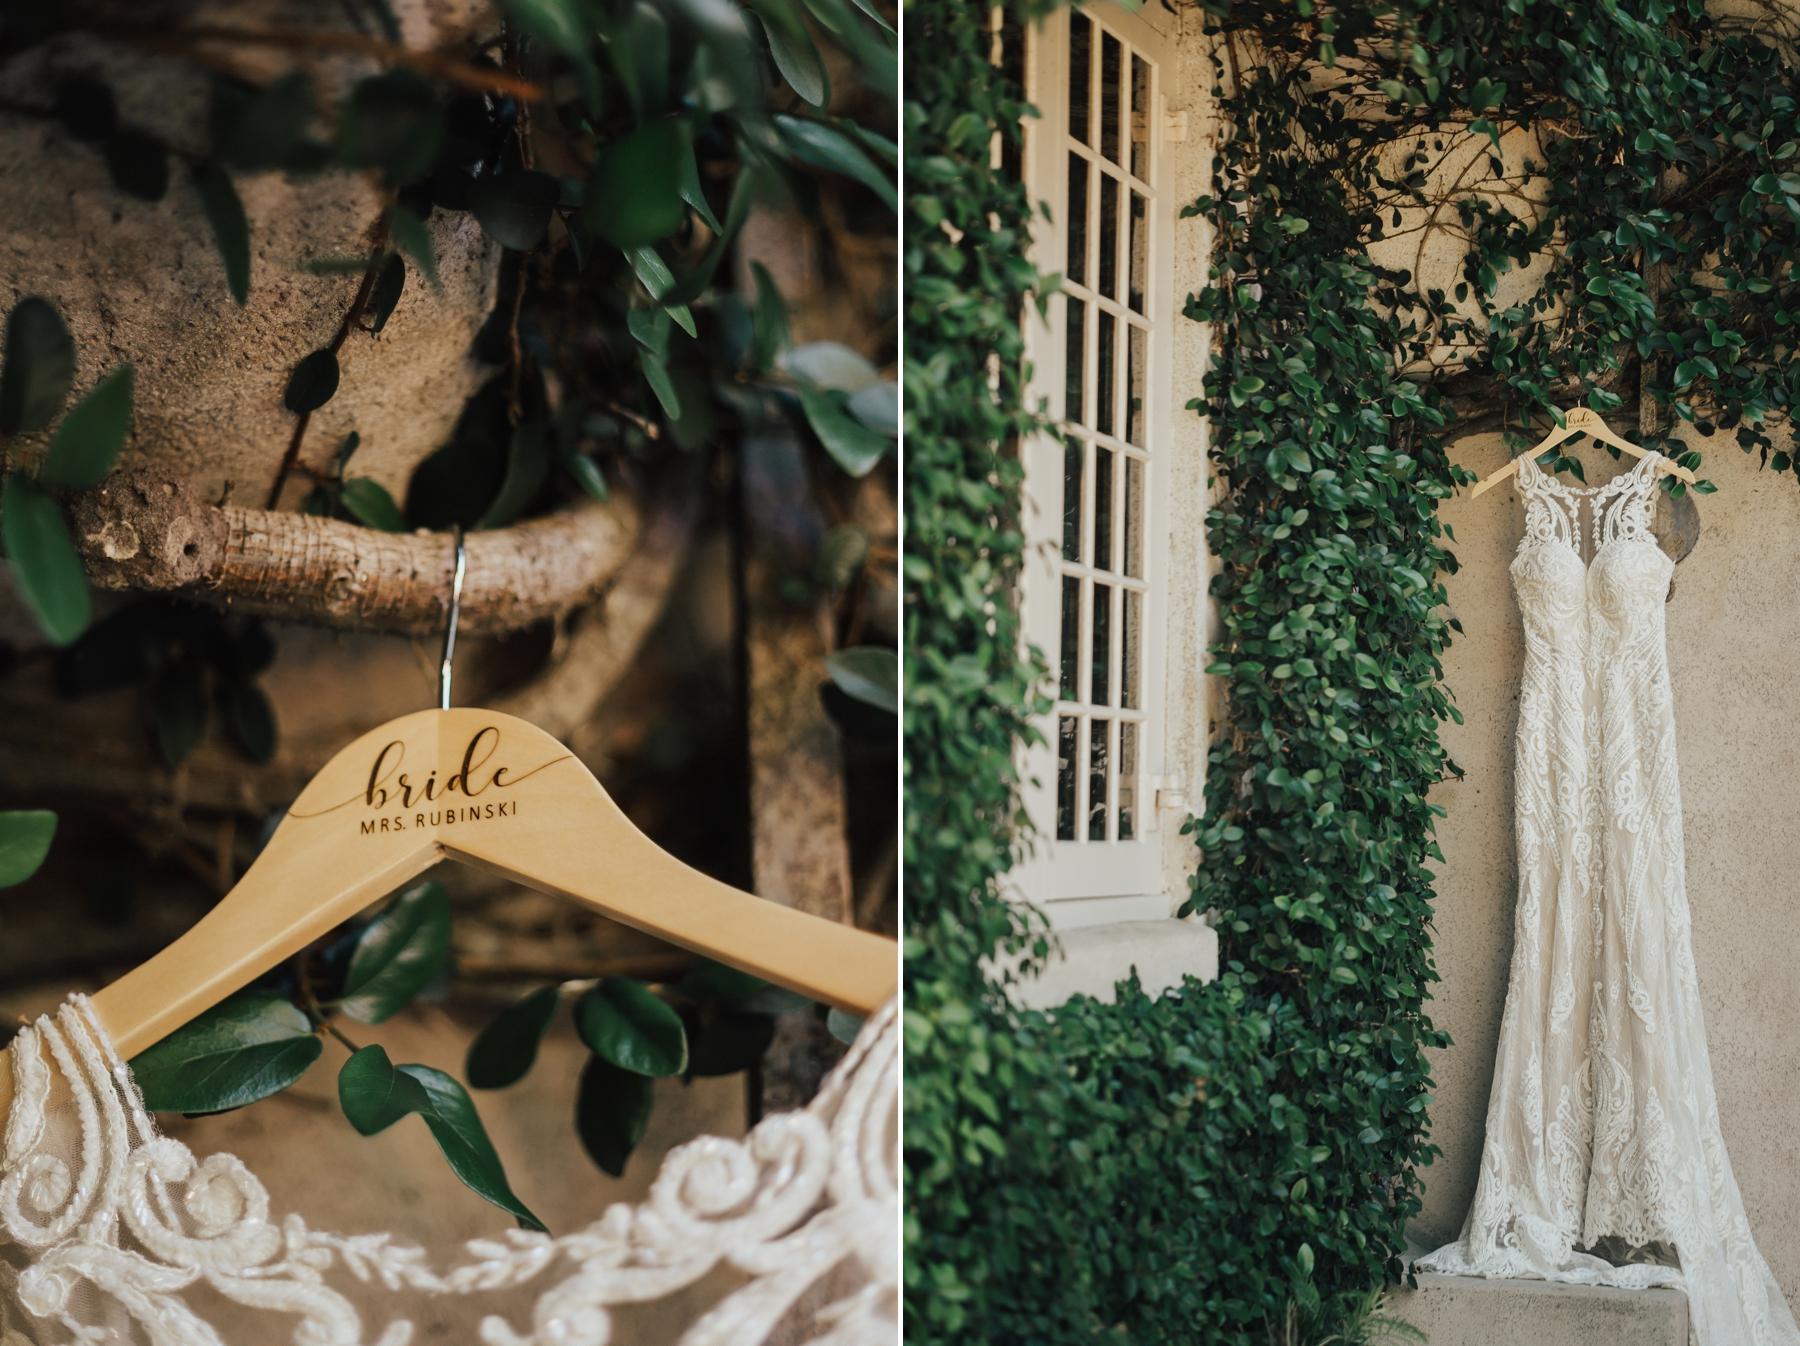 sydonie-mansion-wedding-04.jpg